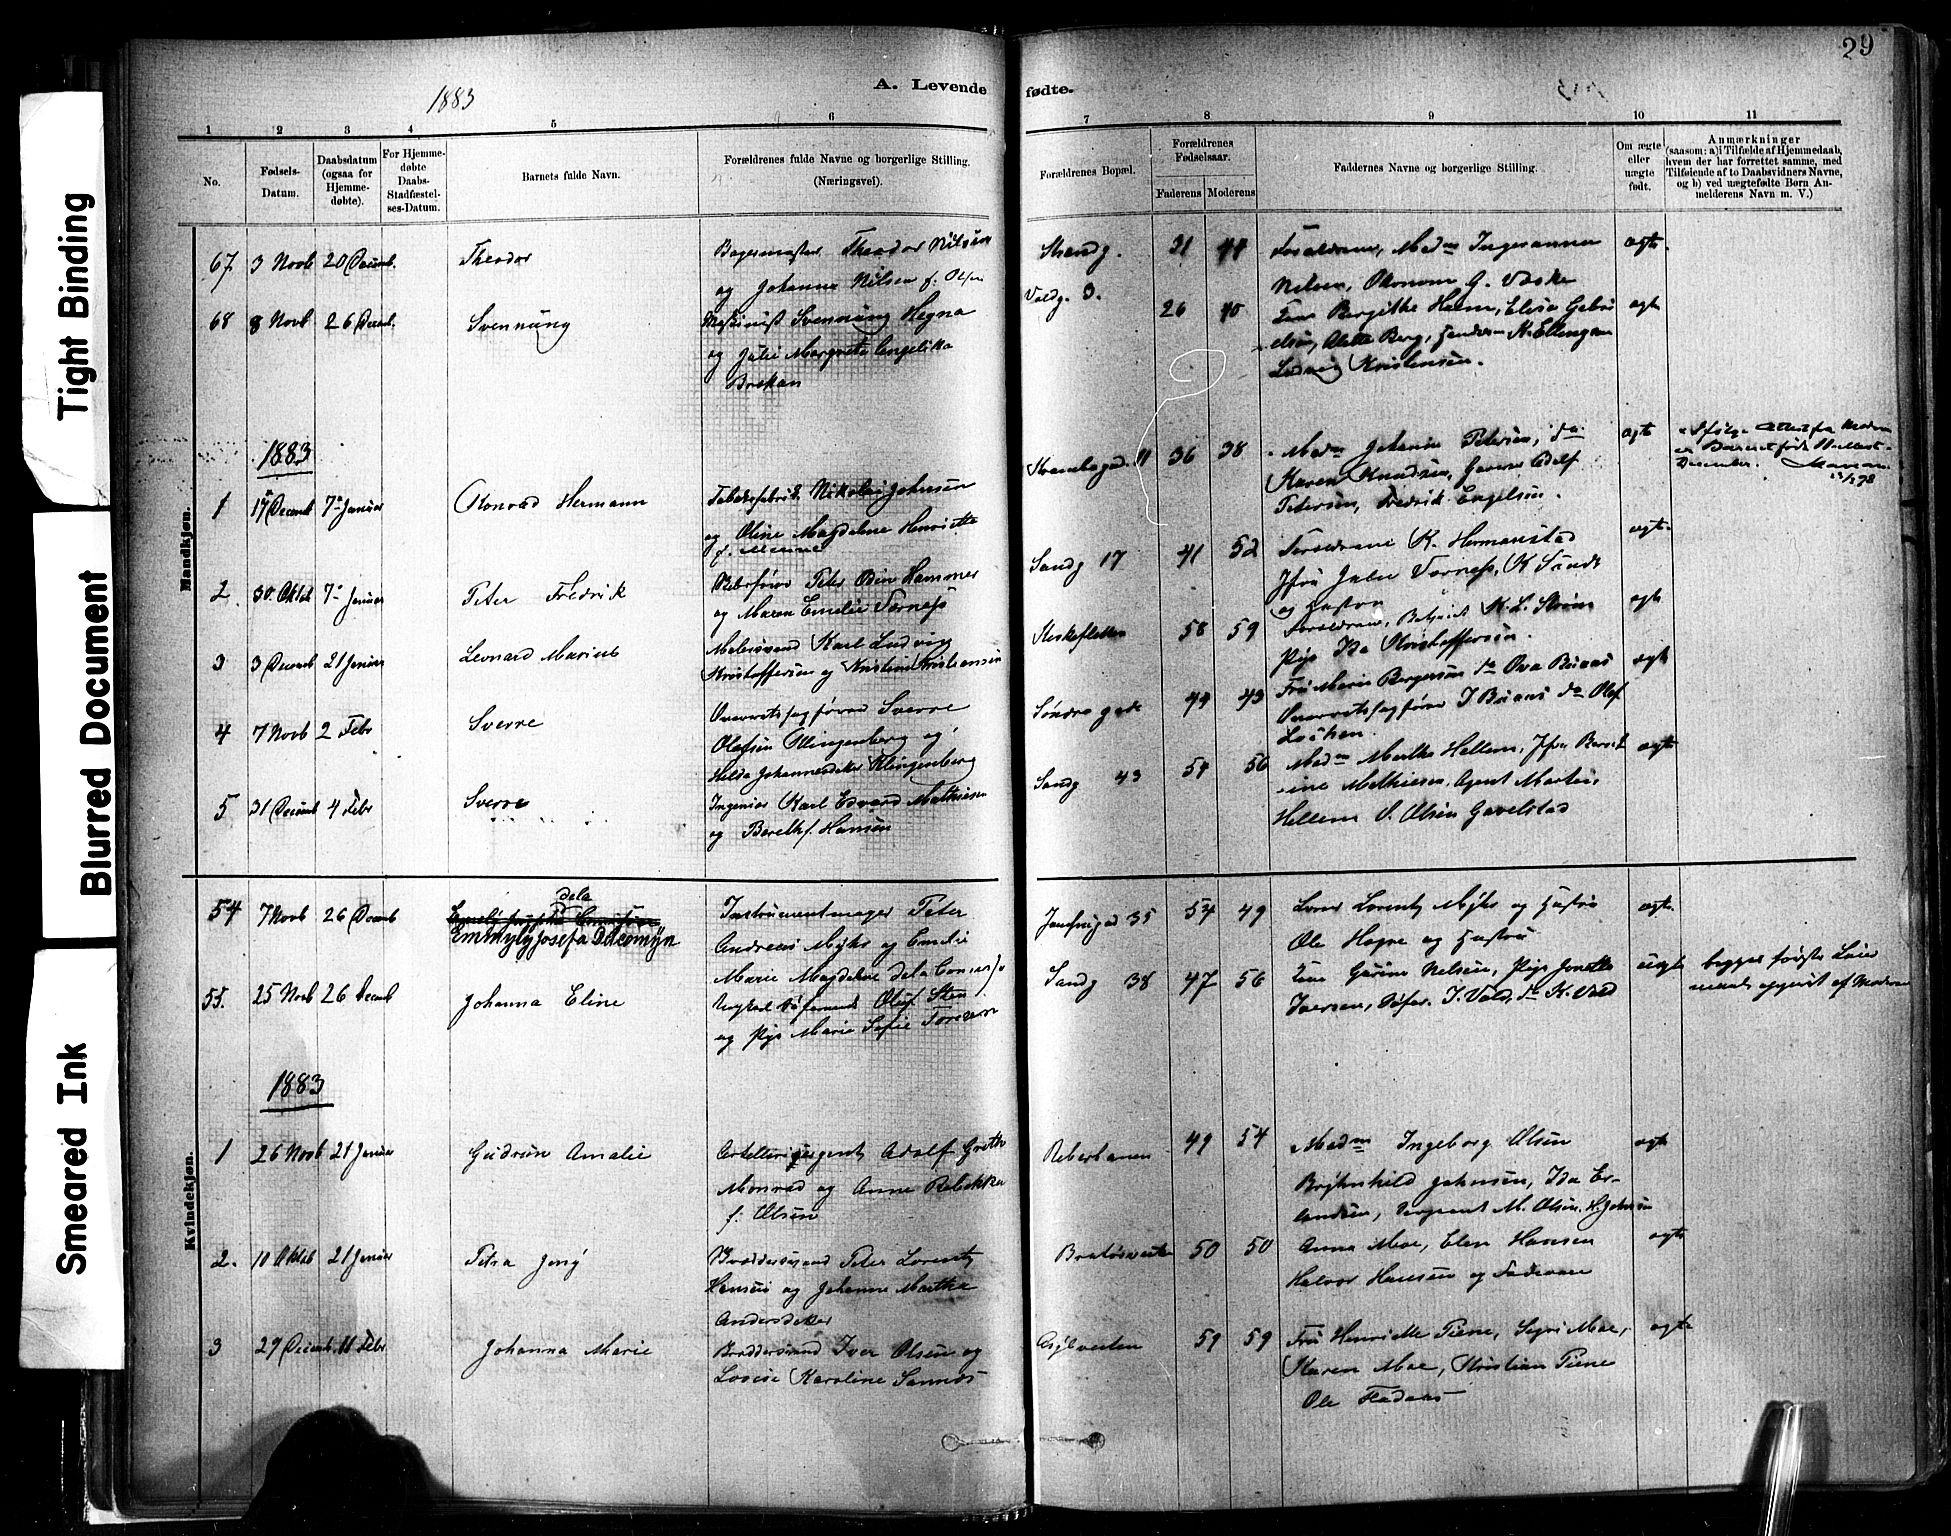 SAT, Ministerialprotokoller, klokkerbøker og fødselsregistre - Sør-Trøndelag, 602/L0119: Ministerialbok nr. 602A17, 1880-1901, s. 29